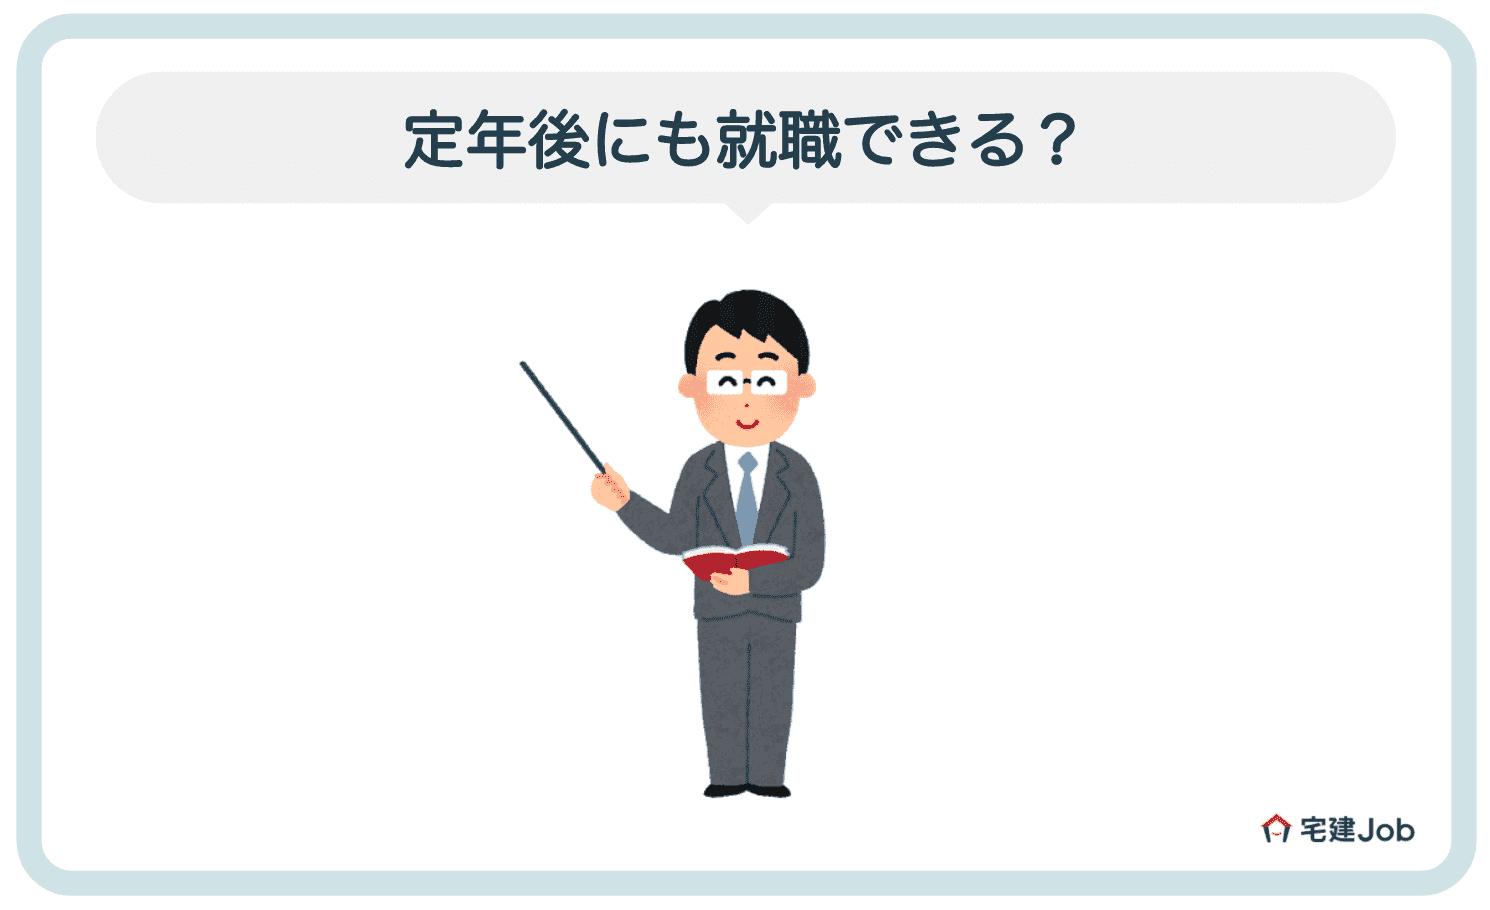 3.管理業務主任者は未経験でも定年後に就職できる?